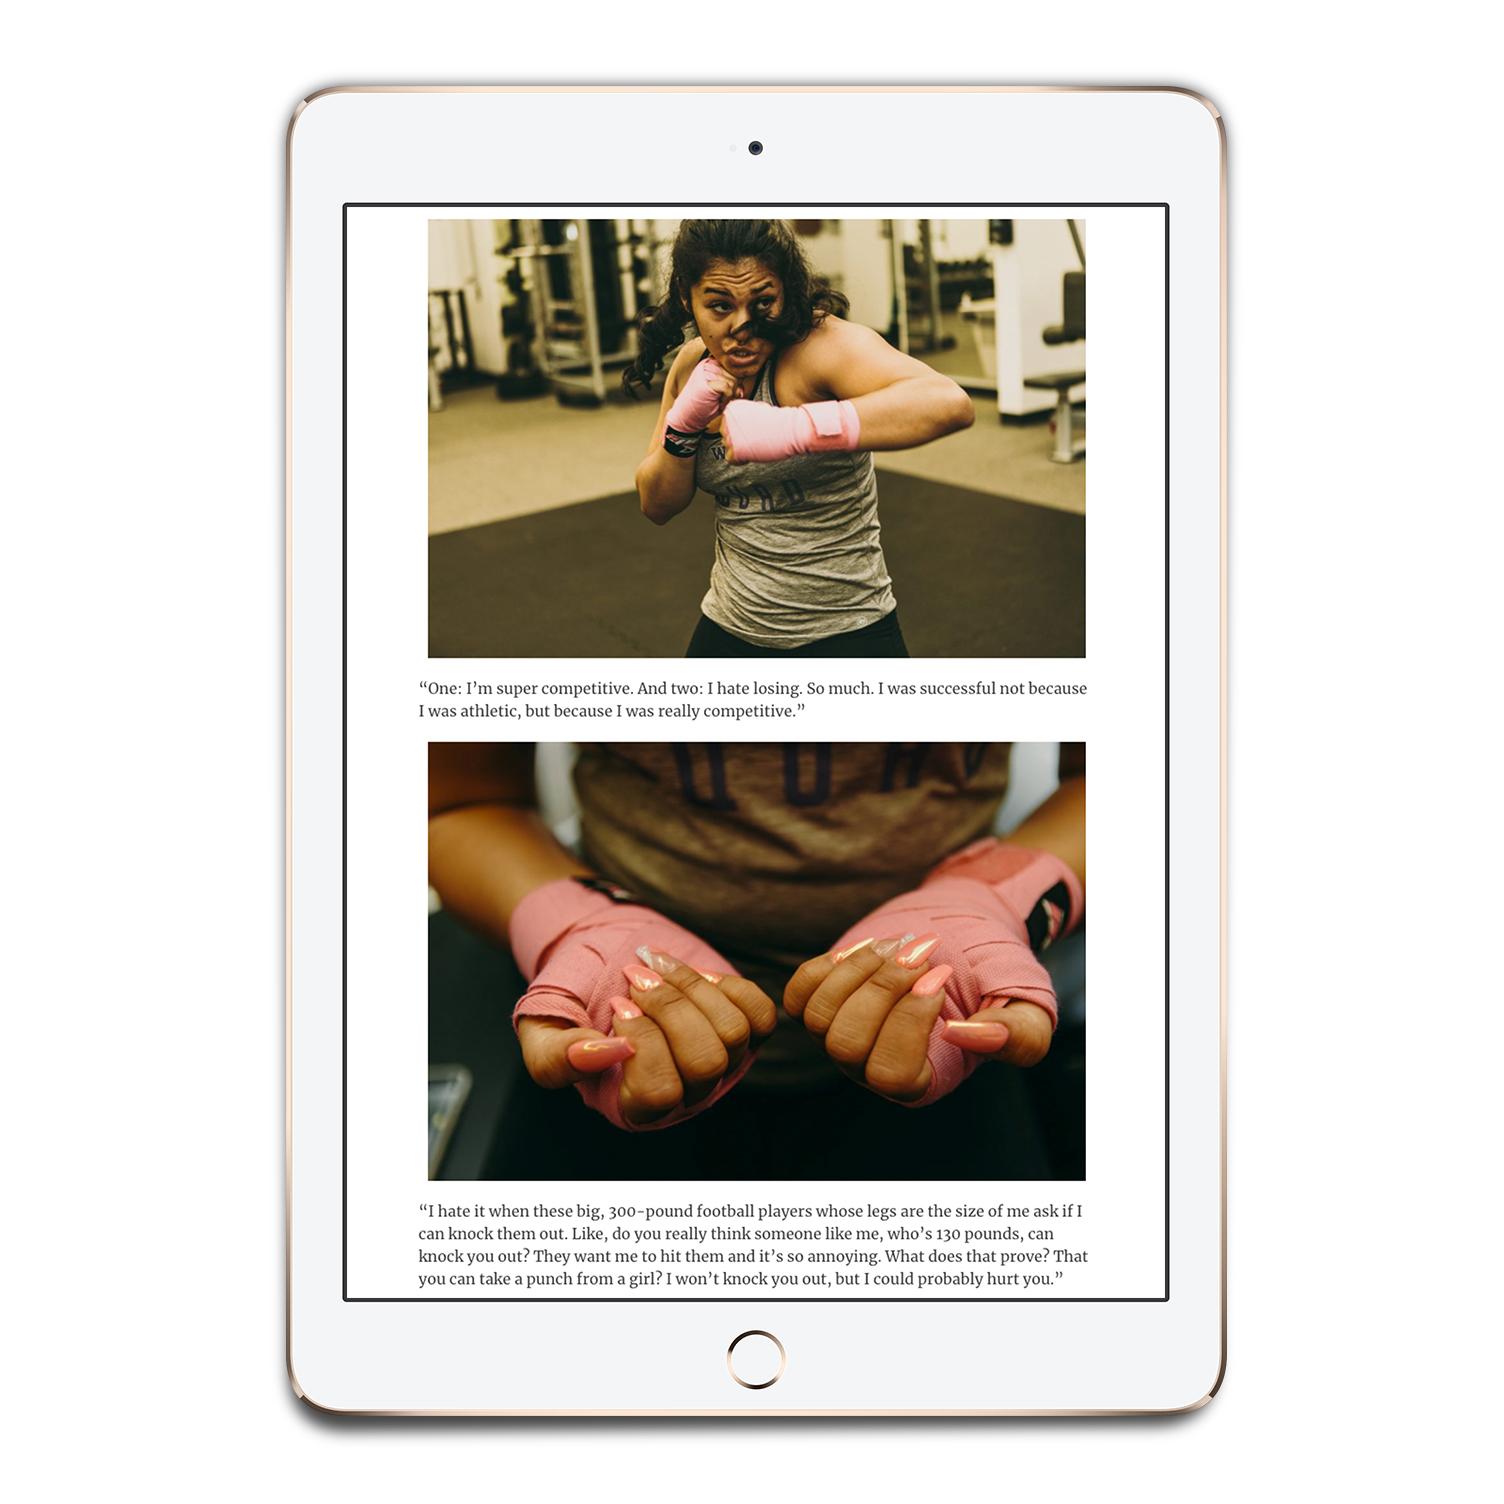 david tablet 2.jpg